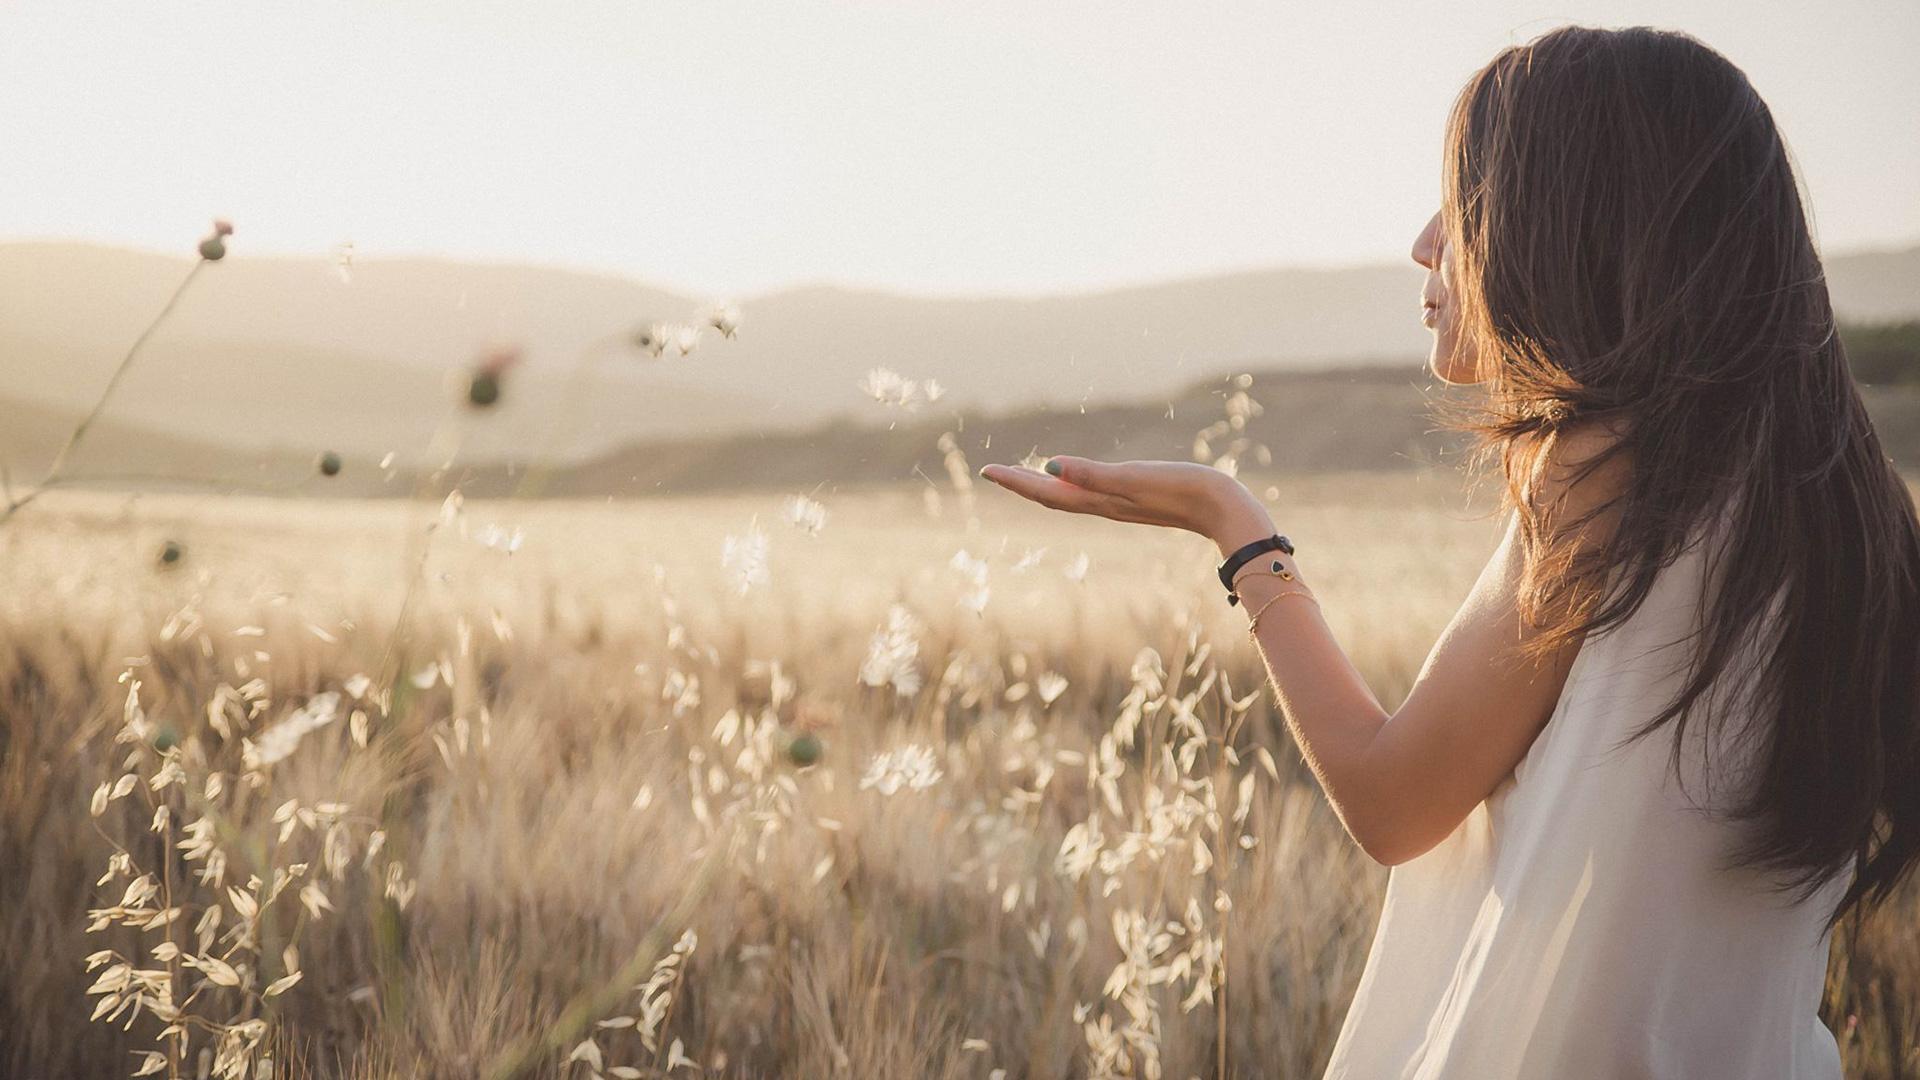 Woman Blowing Flower In Field